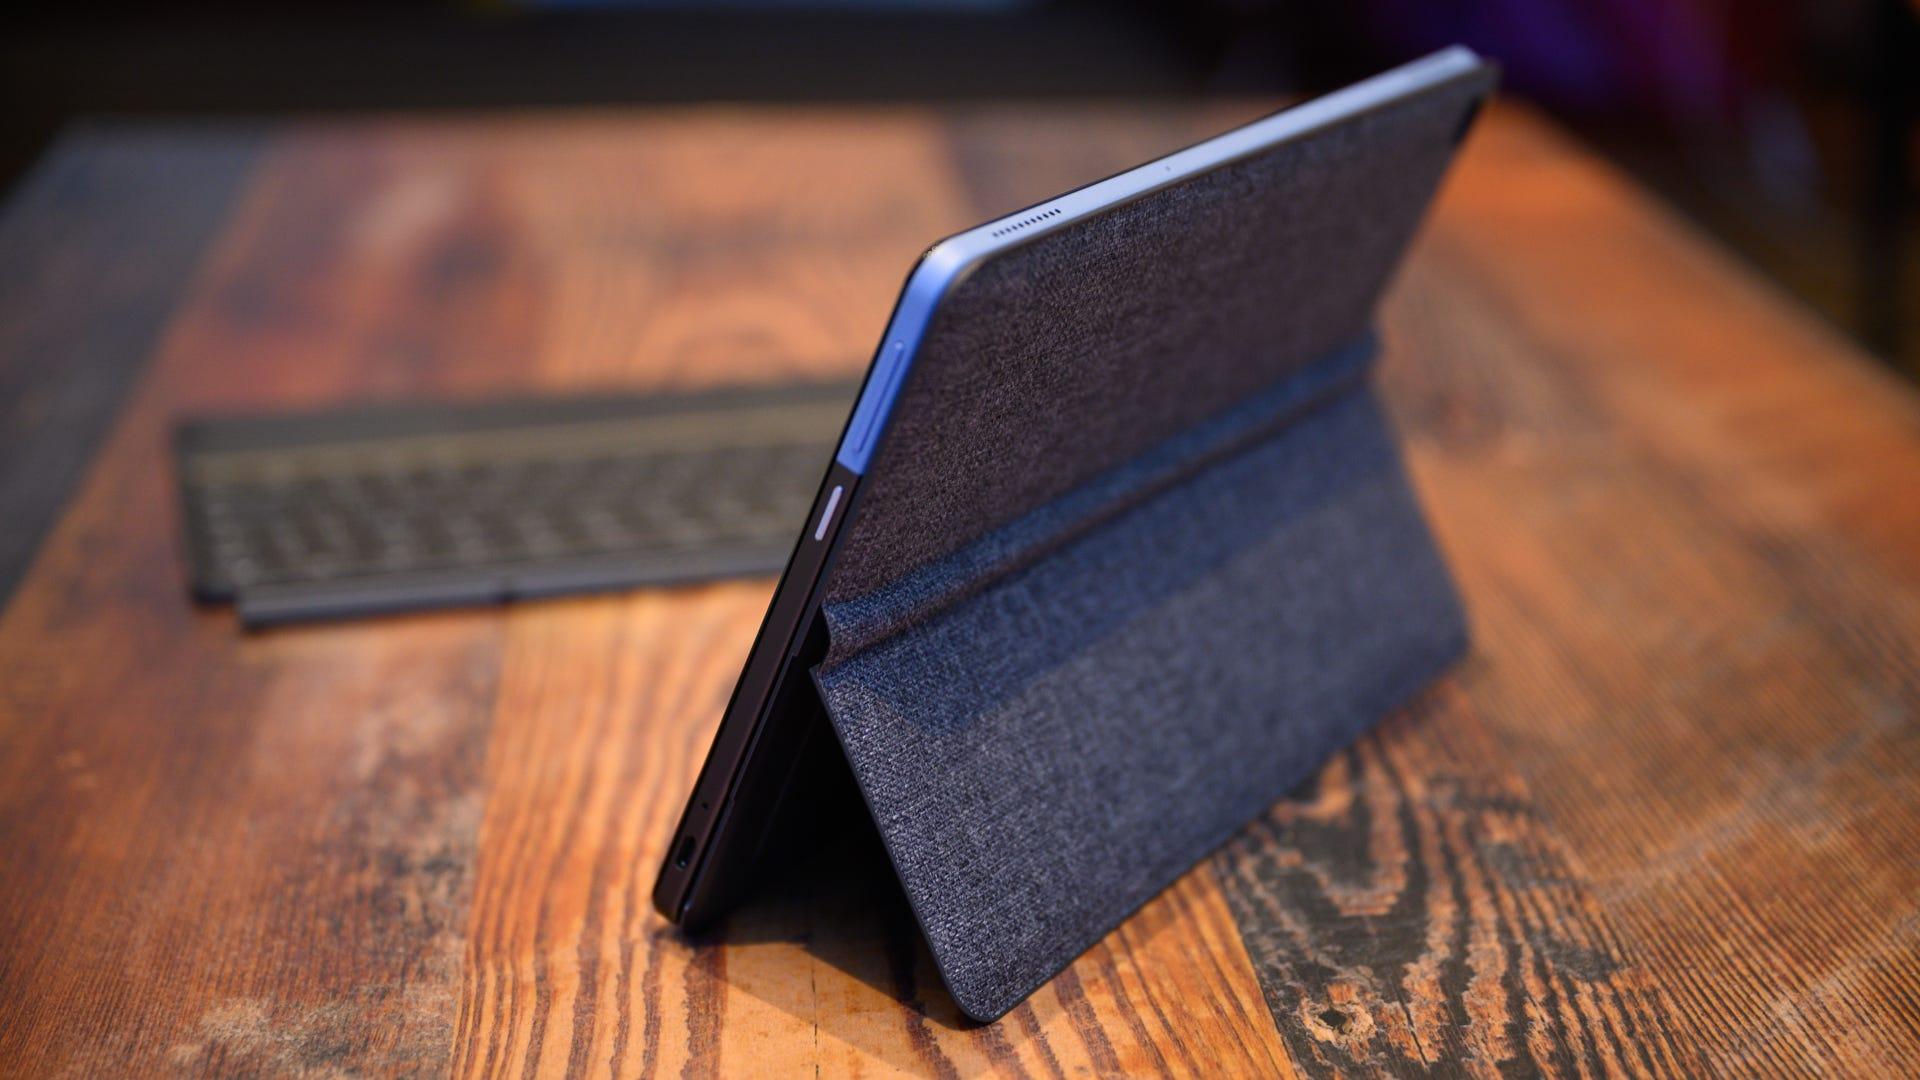 Lenovo IdeaPad Duet Kickstand Open